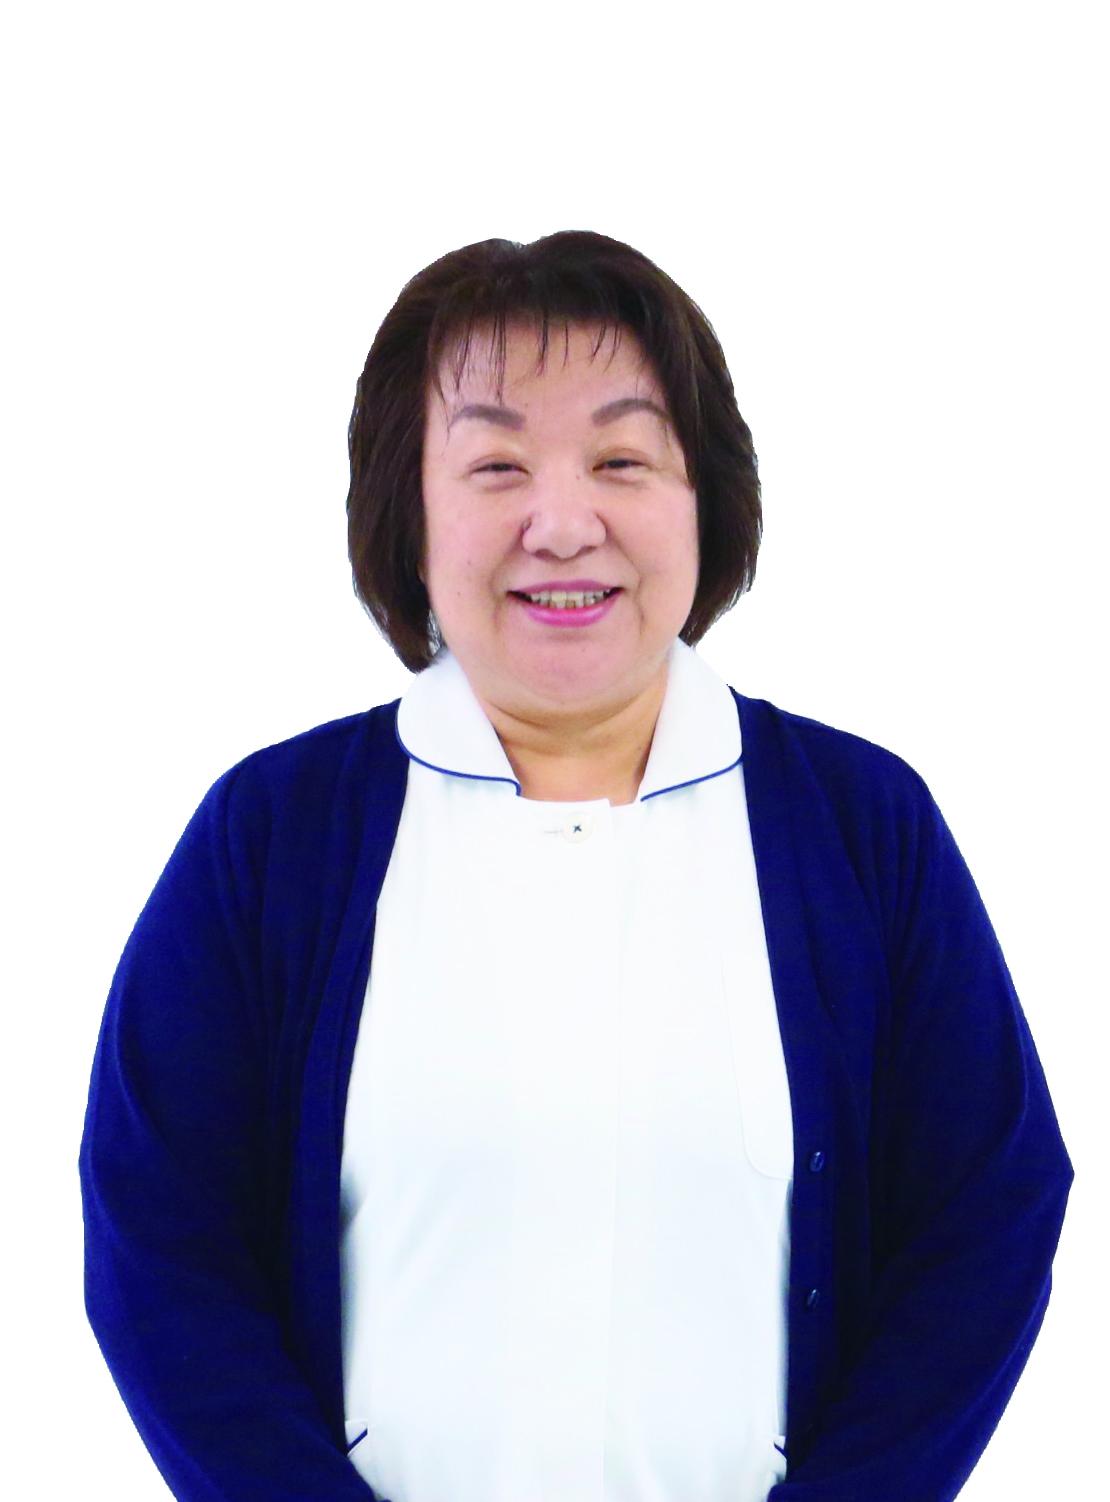 阿賀谷 芳子